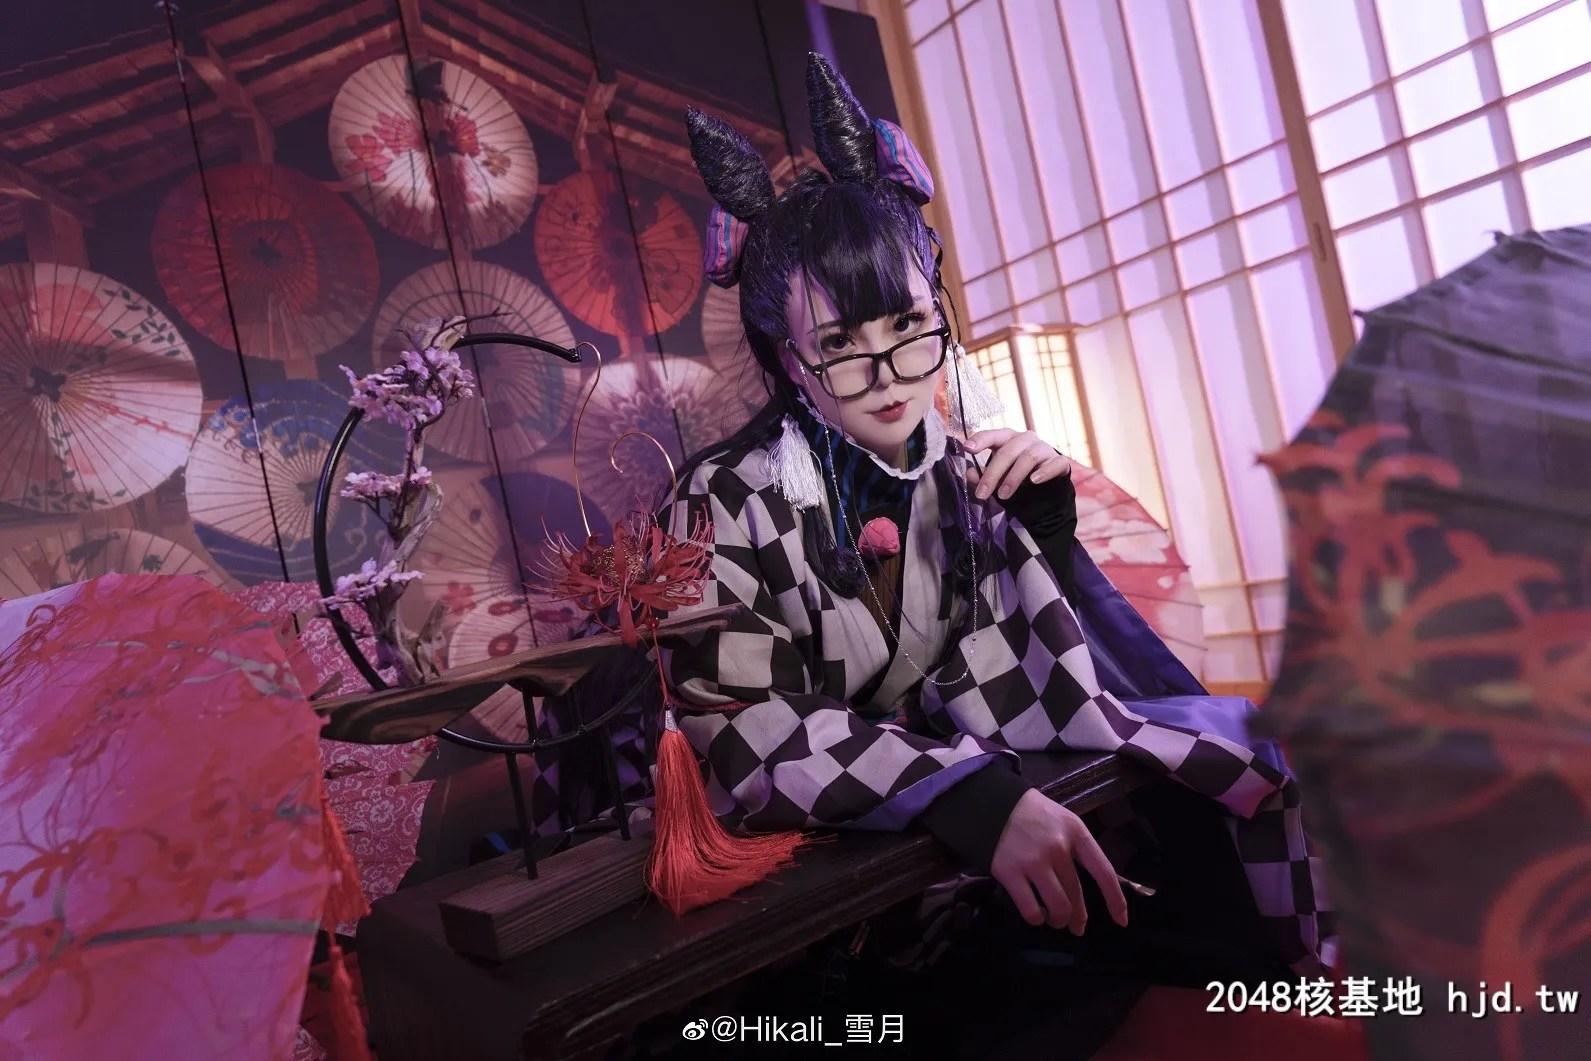 Fate/GrandOrder紫式部@Hikali_雪月 (10P)插图(1)